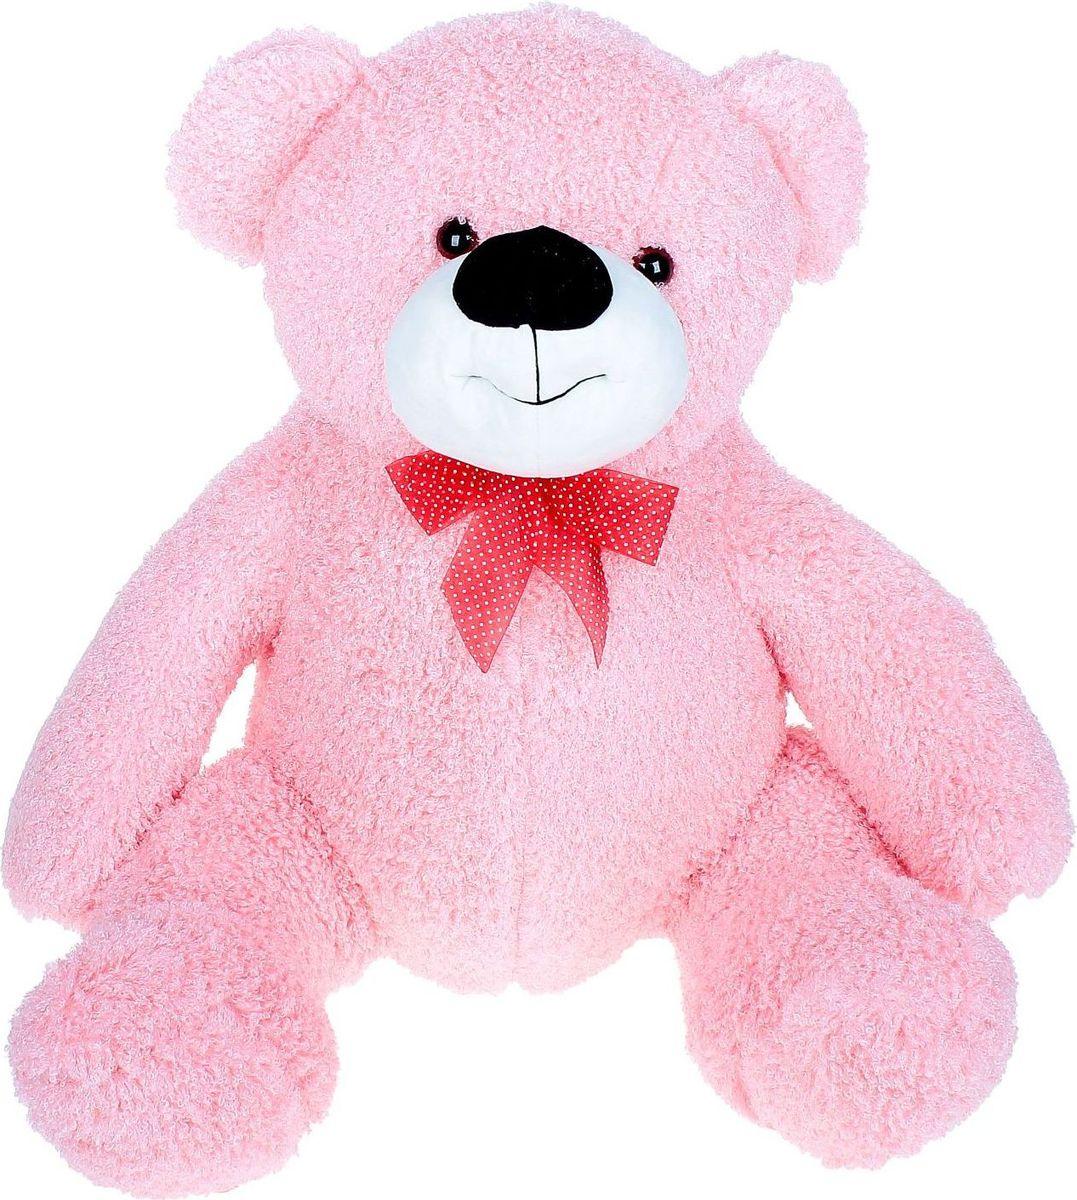 Sima-land Мягкая игрушка Медведь кудрявый цвет розовый 80 см, Тутси